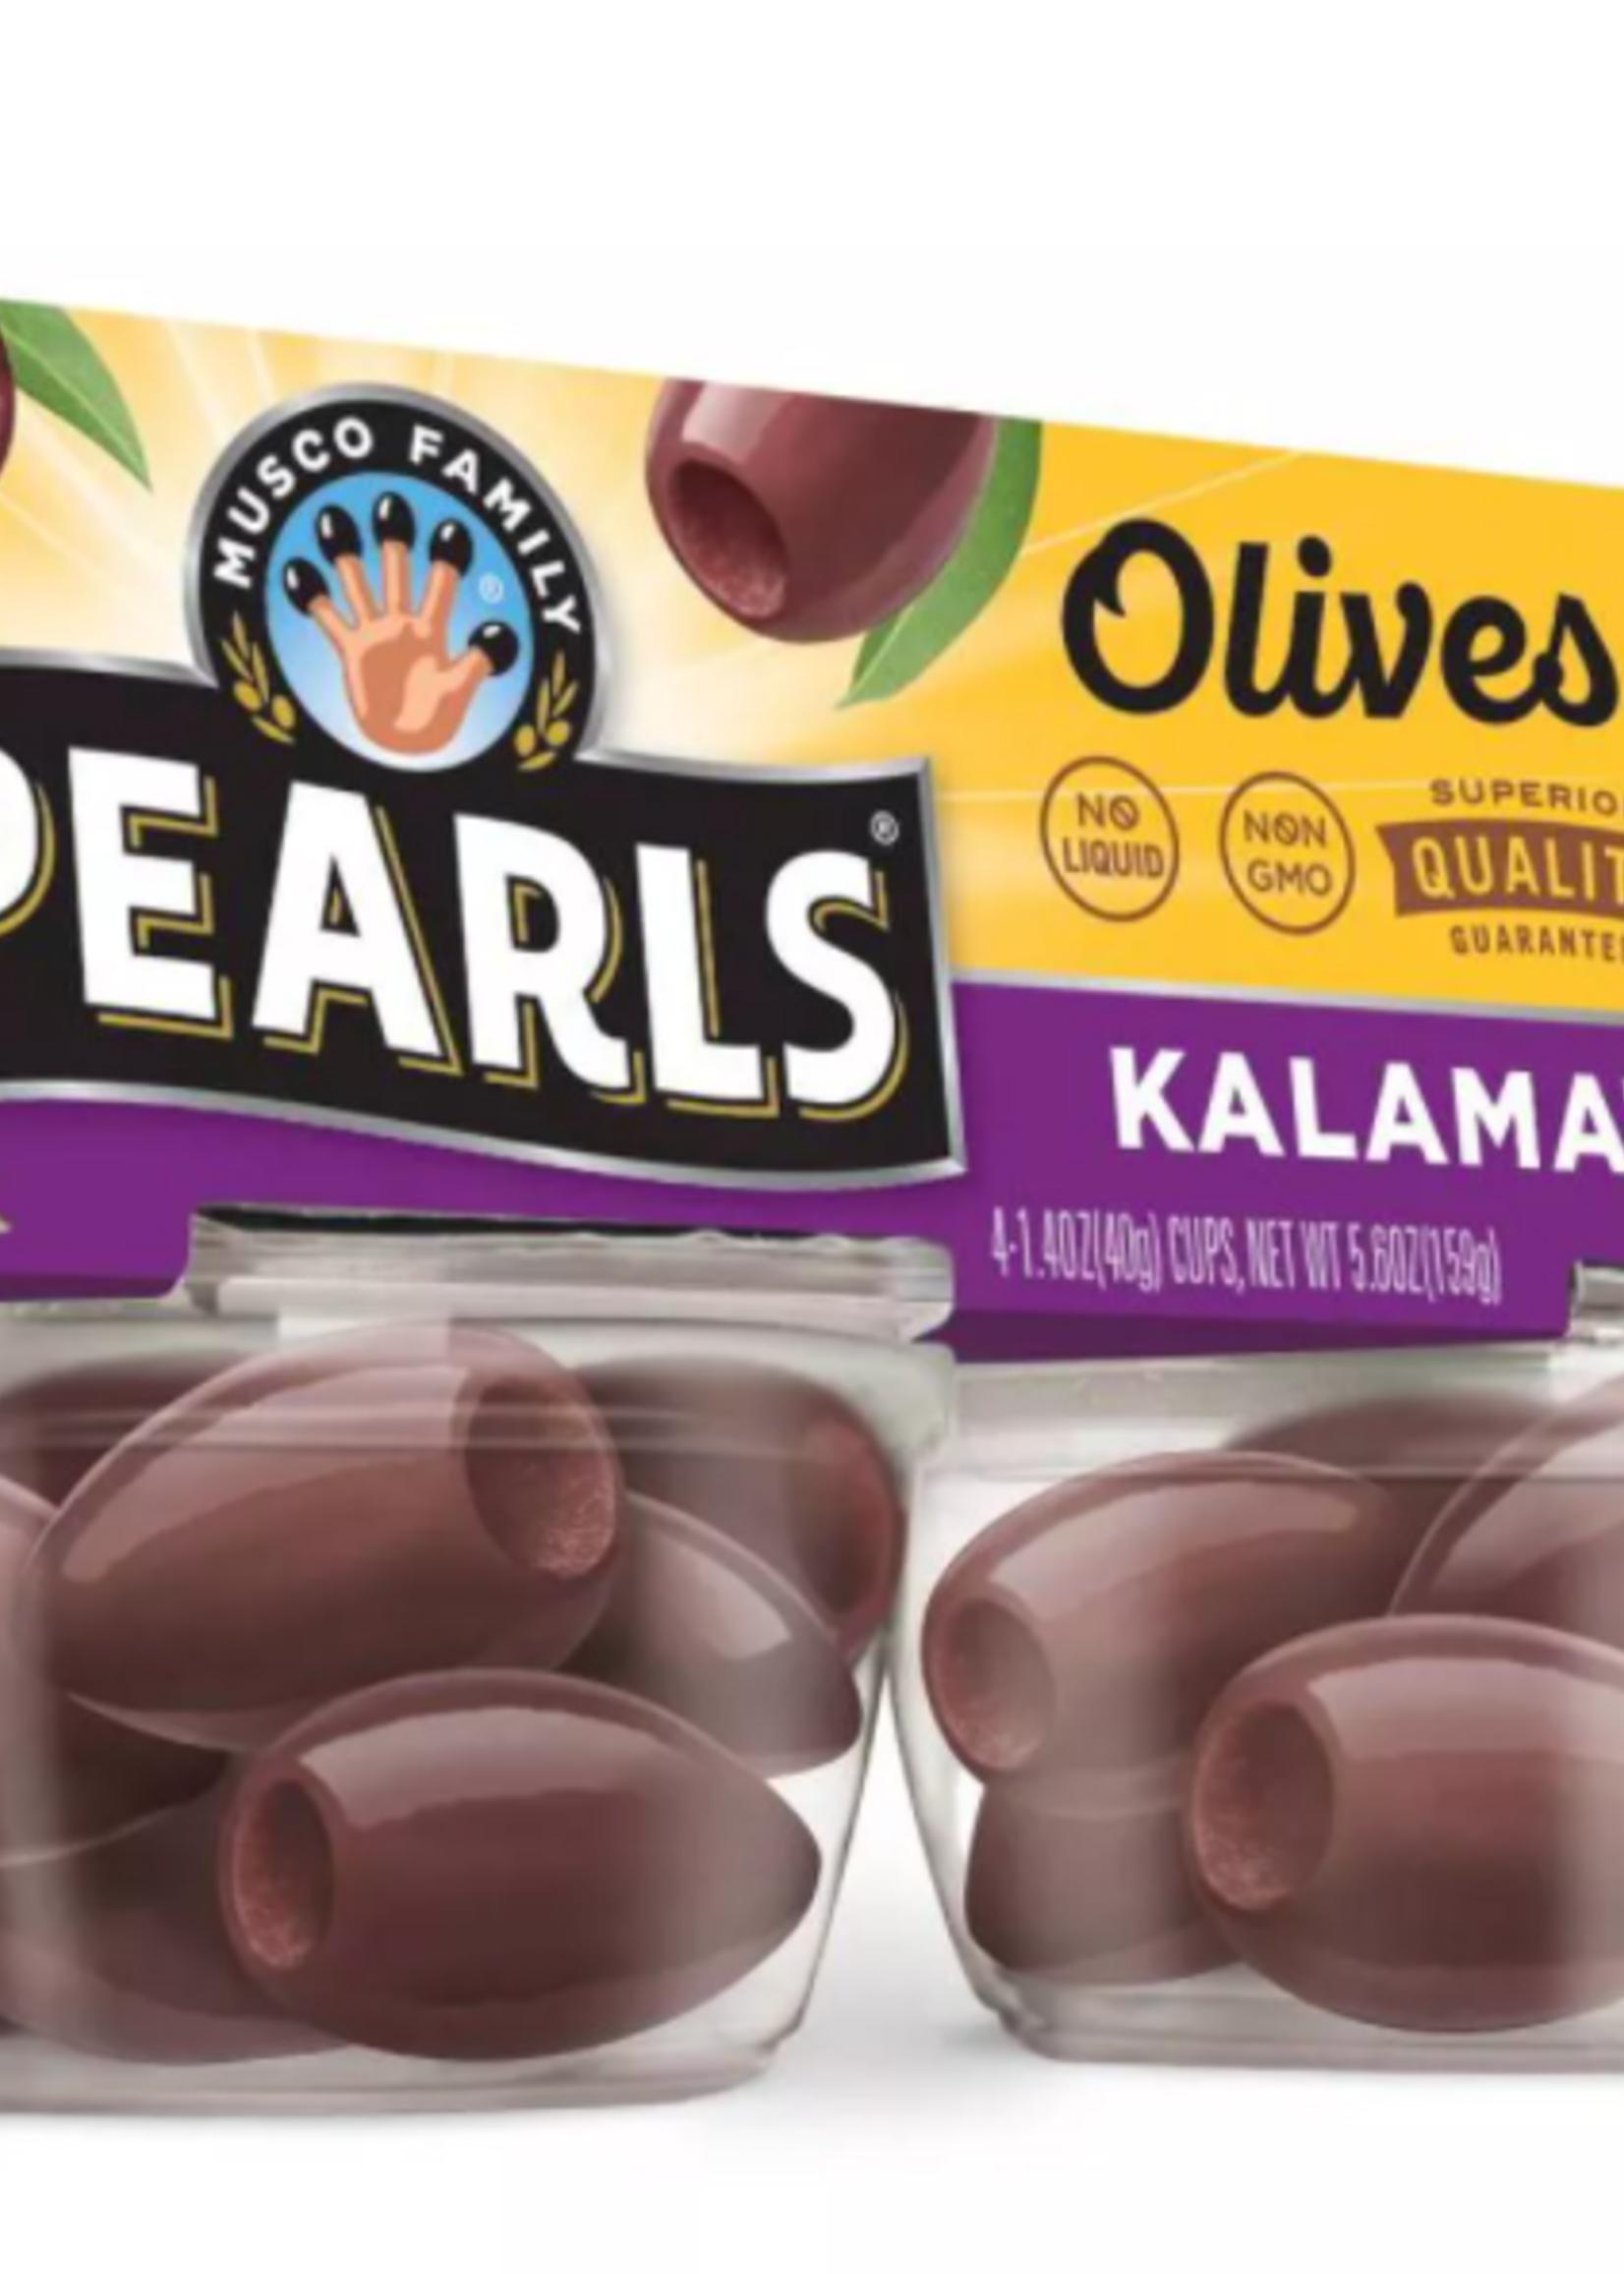 PEARLS KALAMATA OLIVES 1-PACK